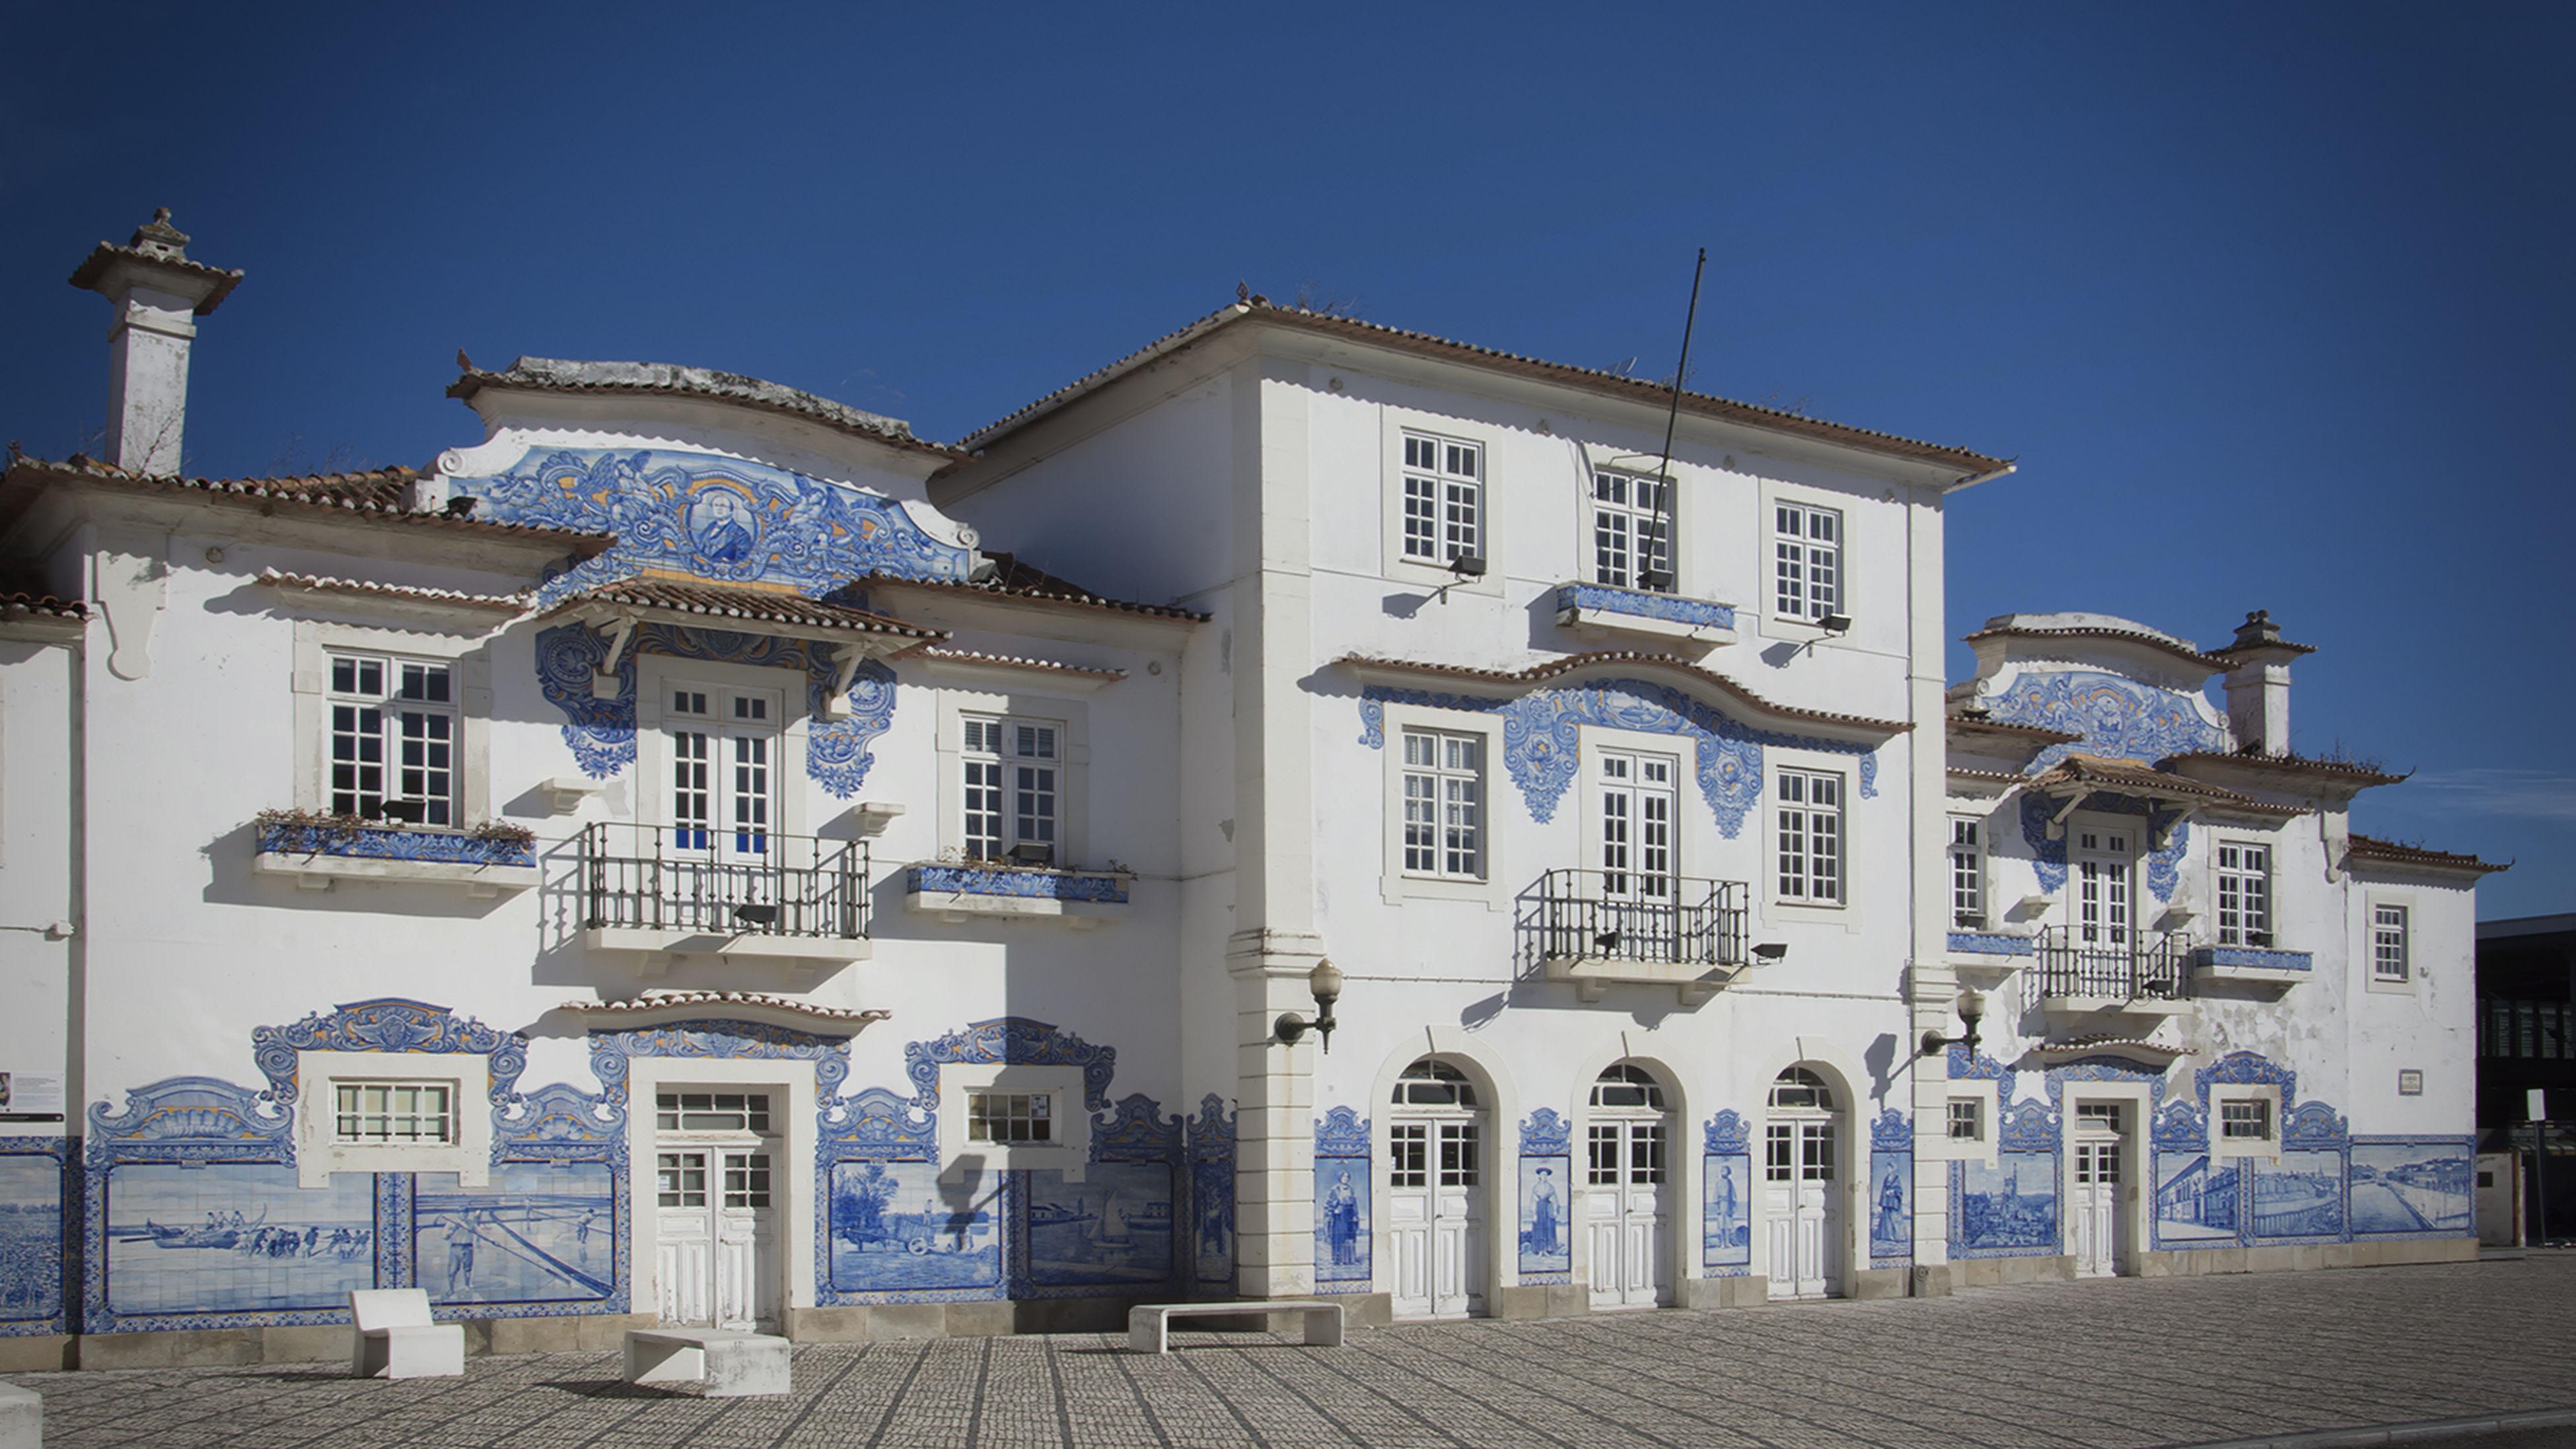 Architecture Estación De Tren De Aveiro Eveiro Tiles Train Station